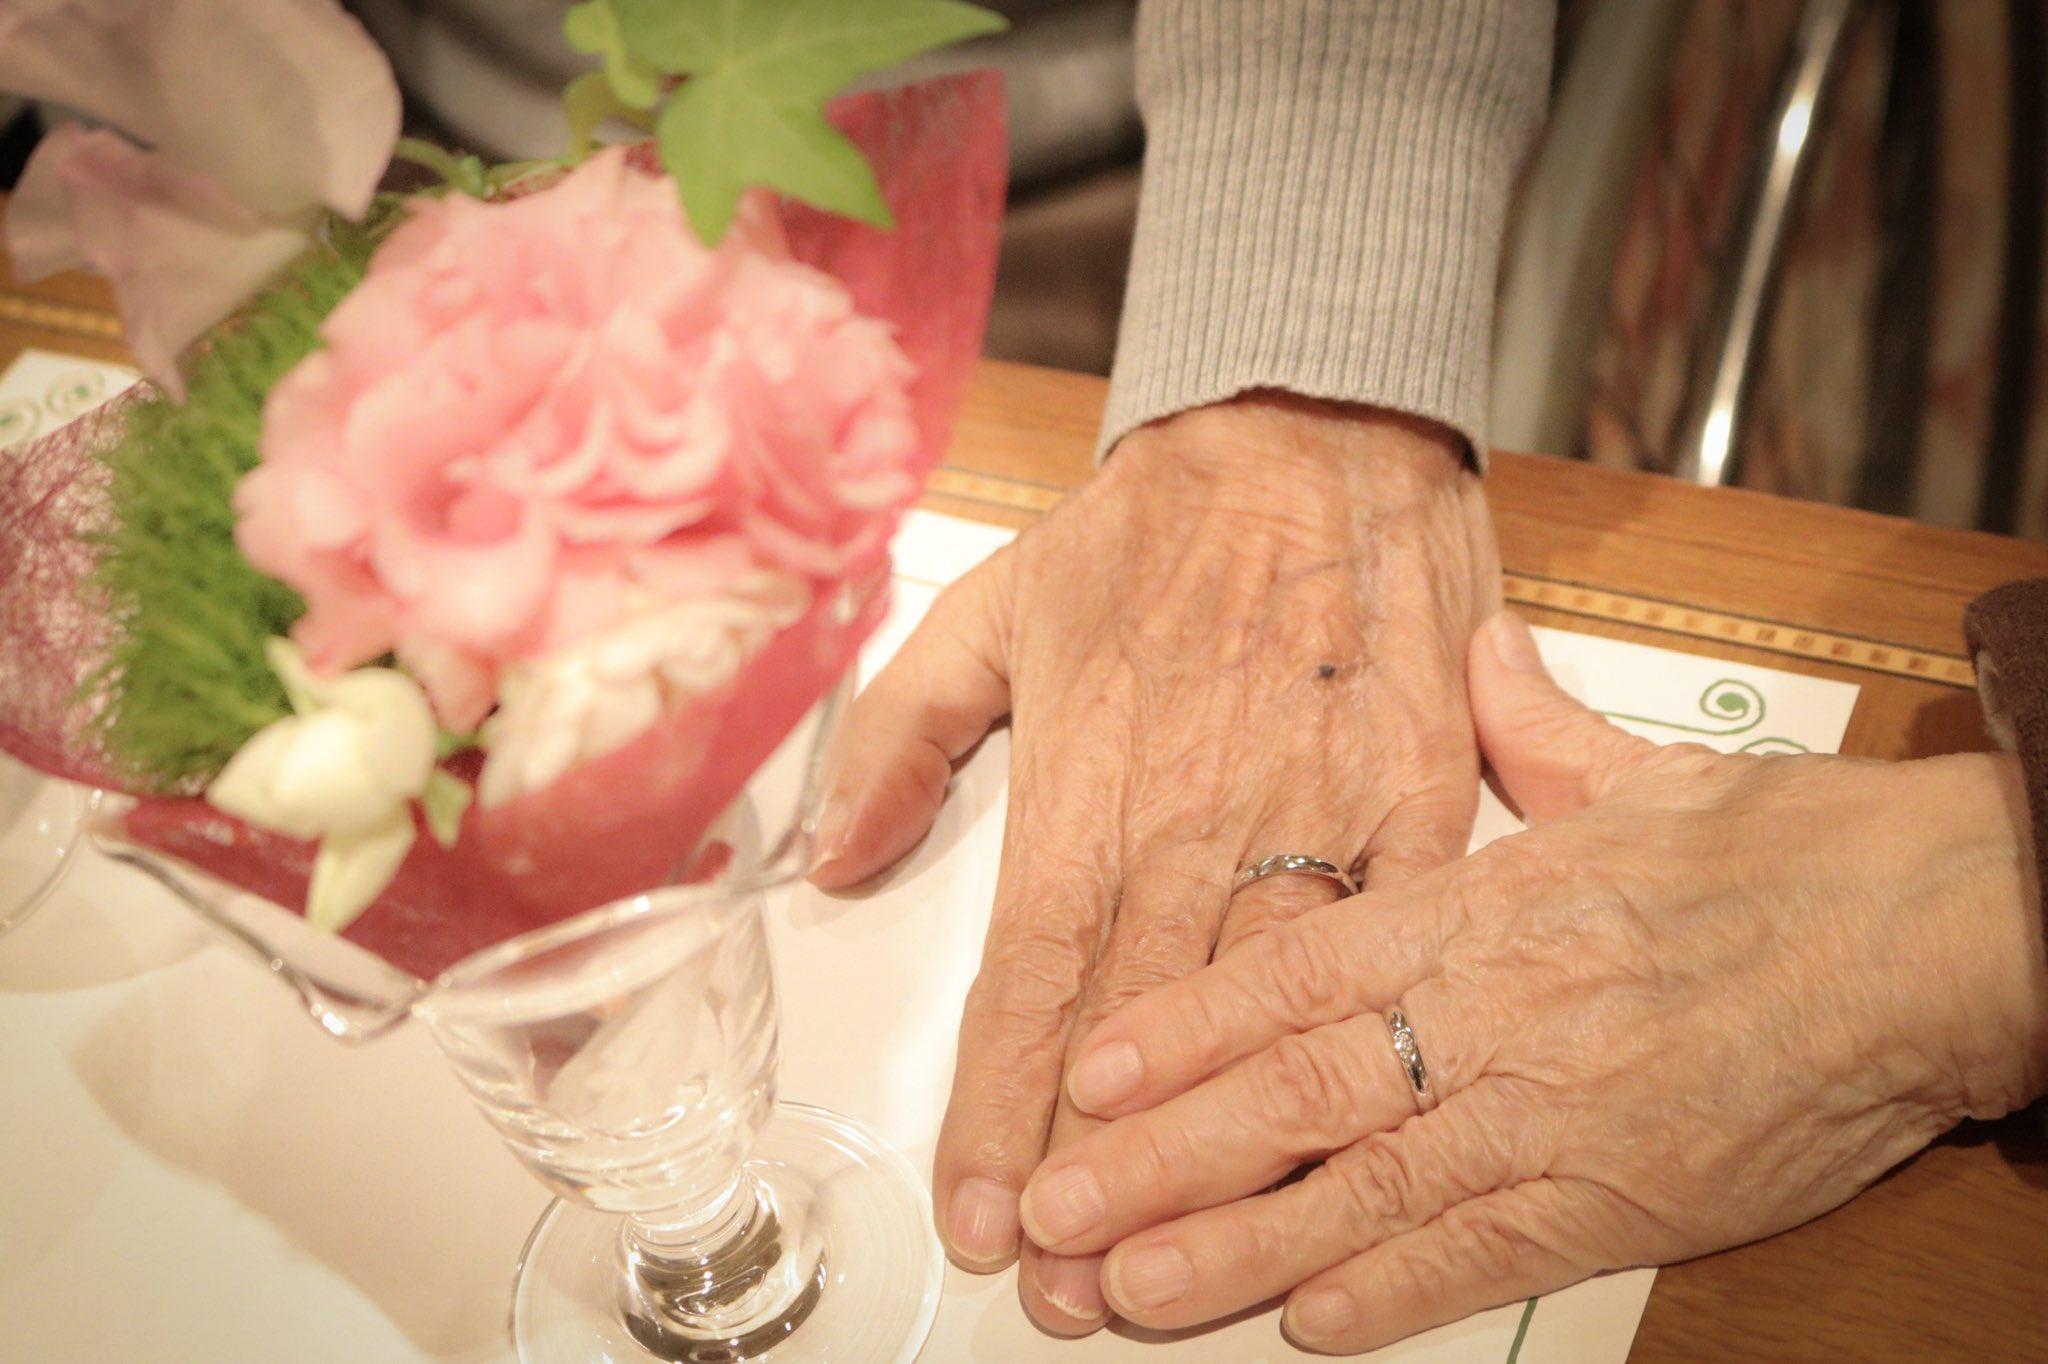 結婚60周年を迎えたとき。 おじいちゃんからおばあちゃんへ 感謝の気持ちを込めて指輪のプレゼント。  この2ヶ月後おじいちゃんは天国へ。 感涙するおばあちゃんを見守る 優しいおじいちゃんの表情。 カタチとして残っているからこそ その時の幸せな感情が蘇ってくる。 幸せを写真に。